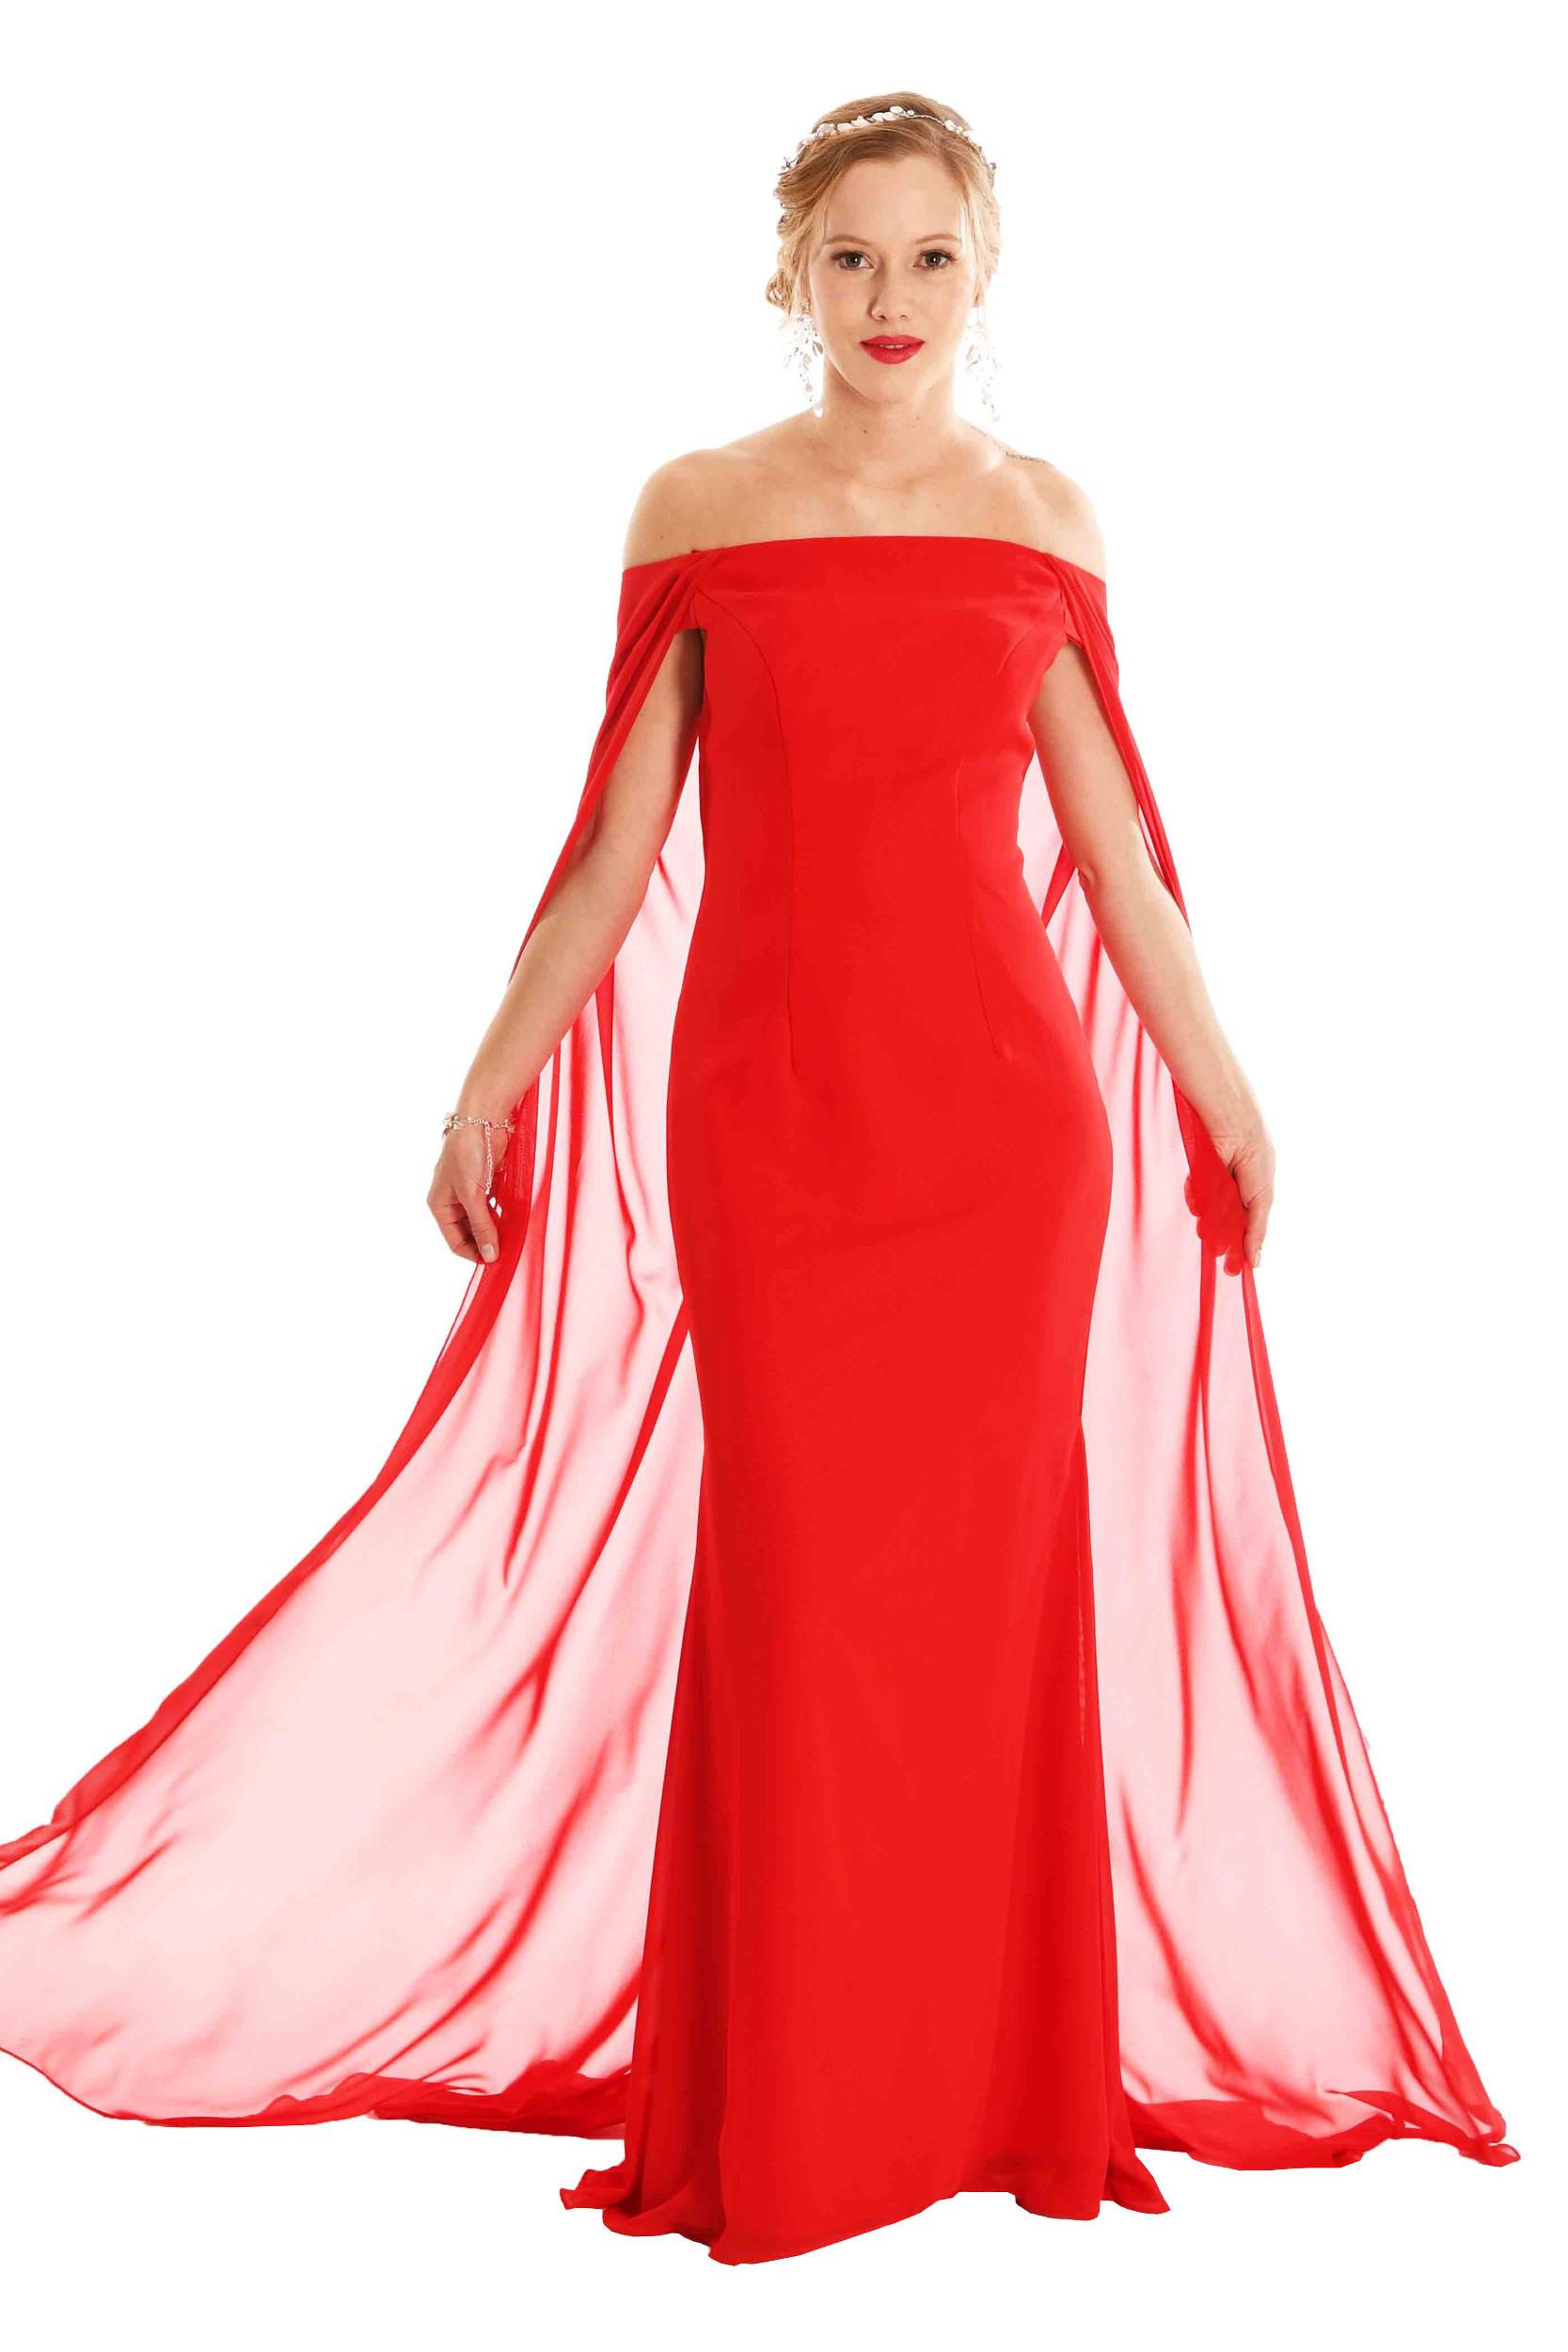 13 Einfach Cape Für Abendkleid für 201915 Wunderbar Cape Für Abendkleid Boutique